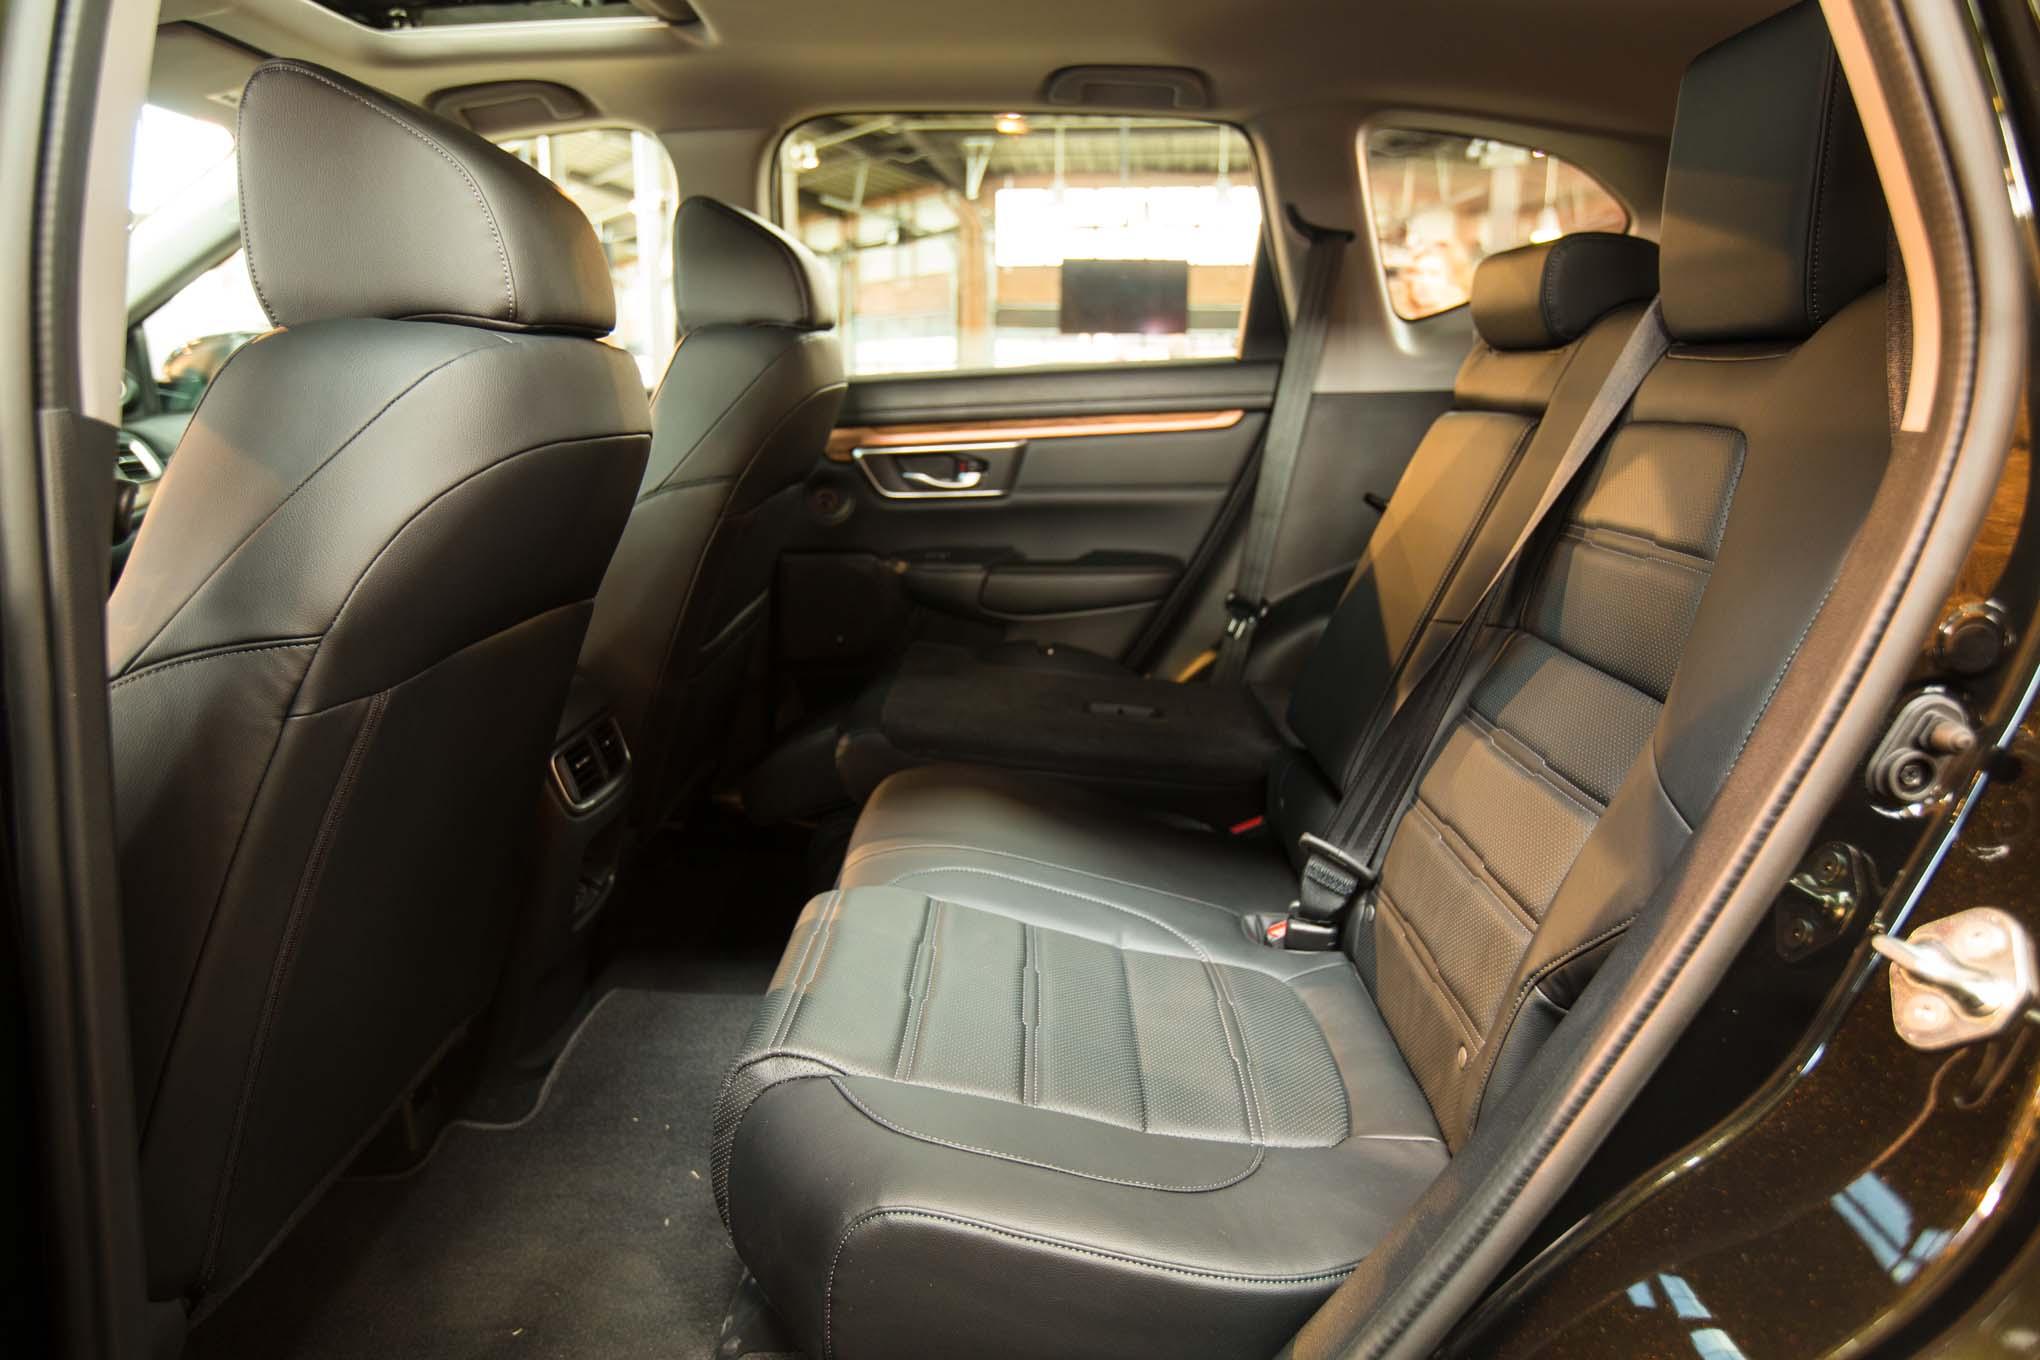 2017-Honda-CR-V-rear-interior-seats-02